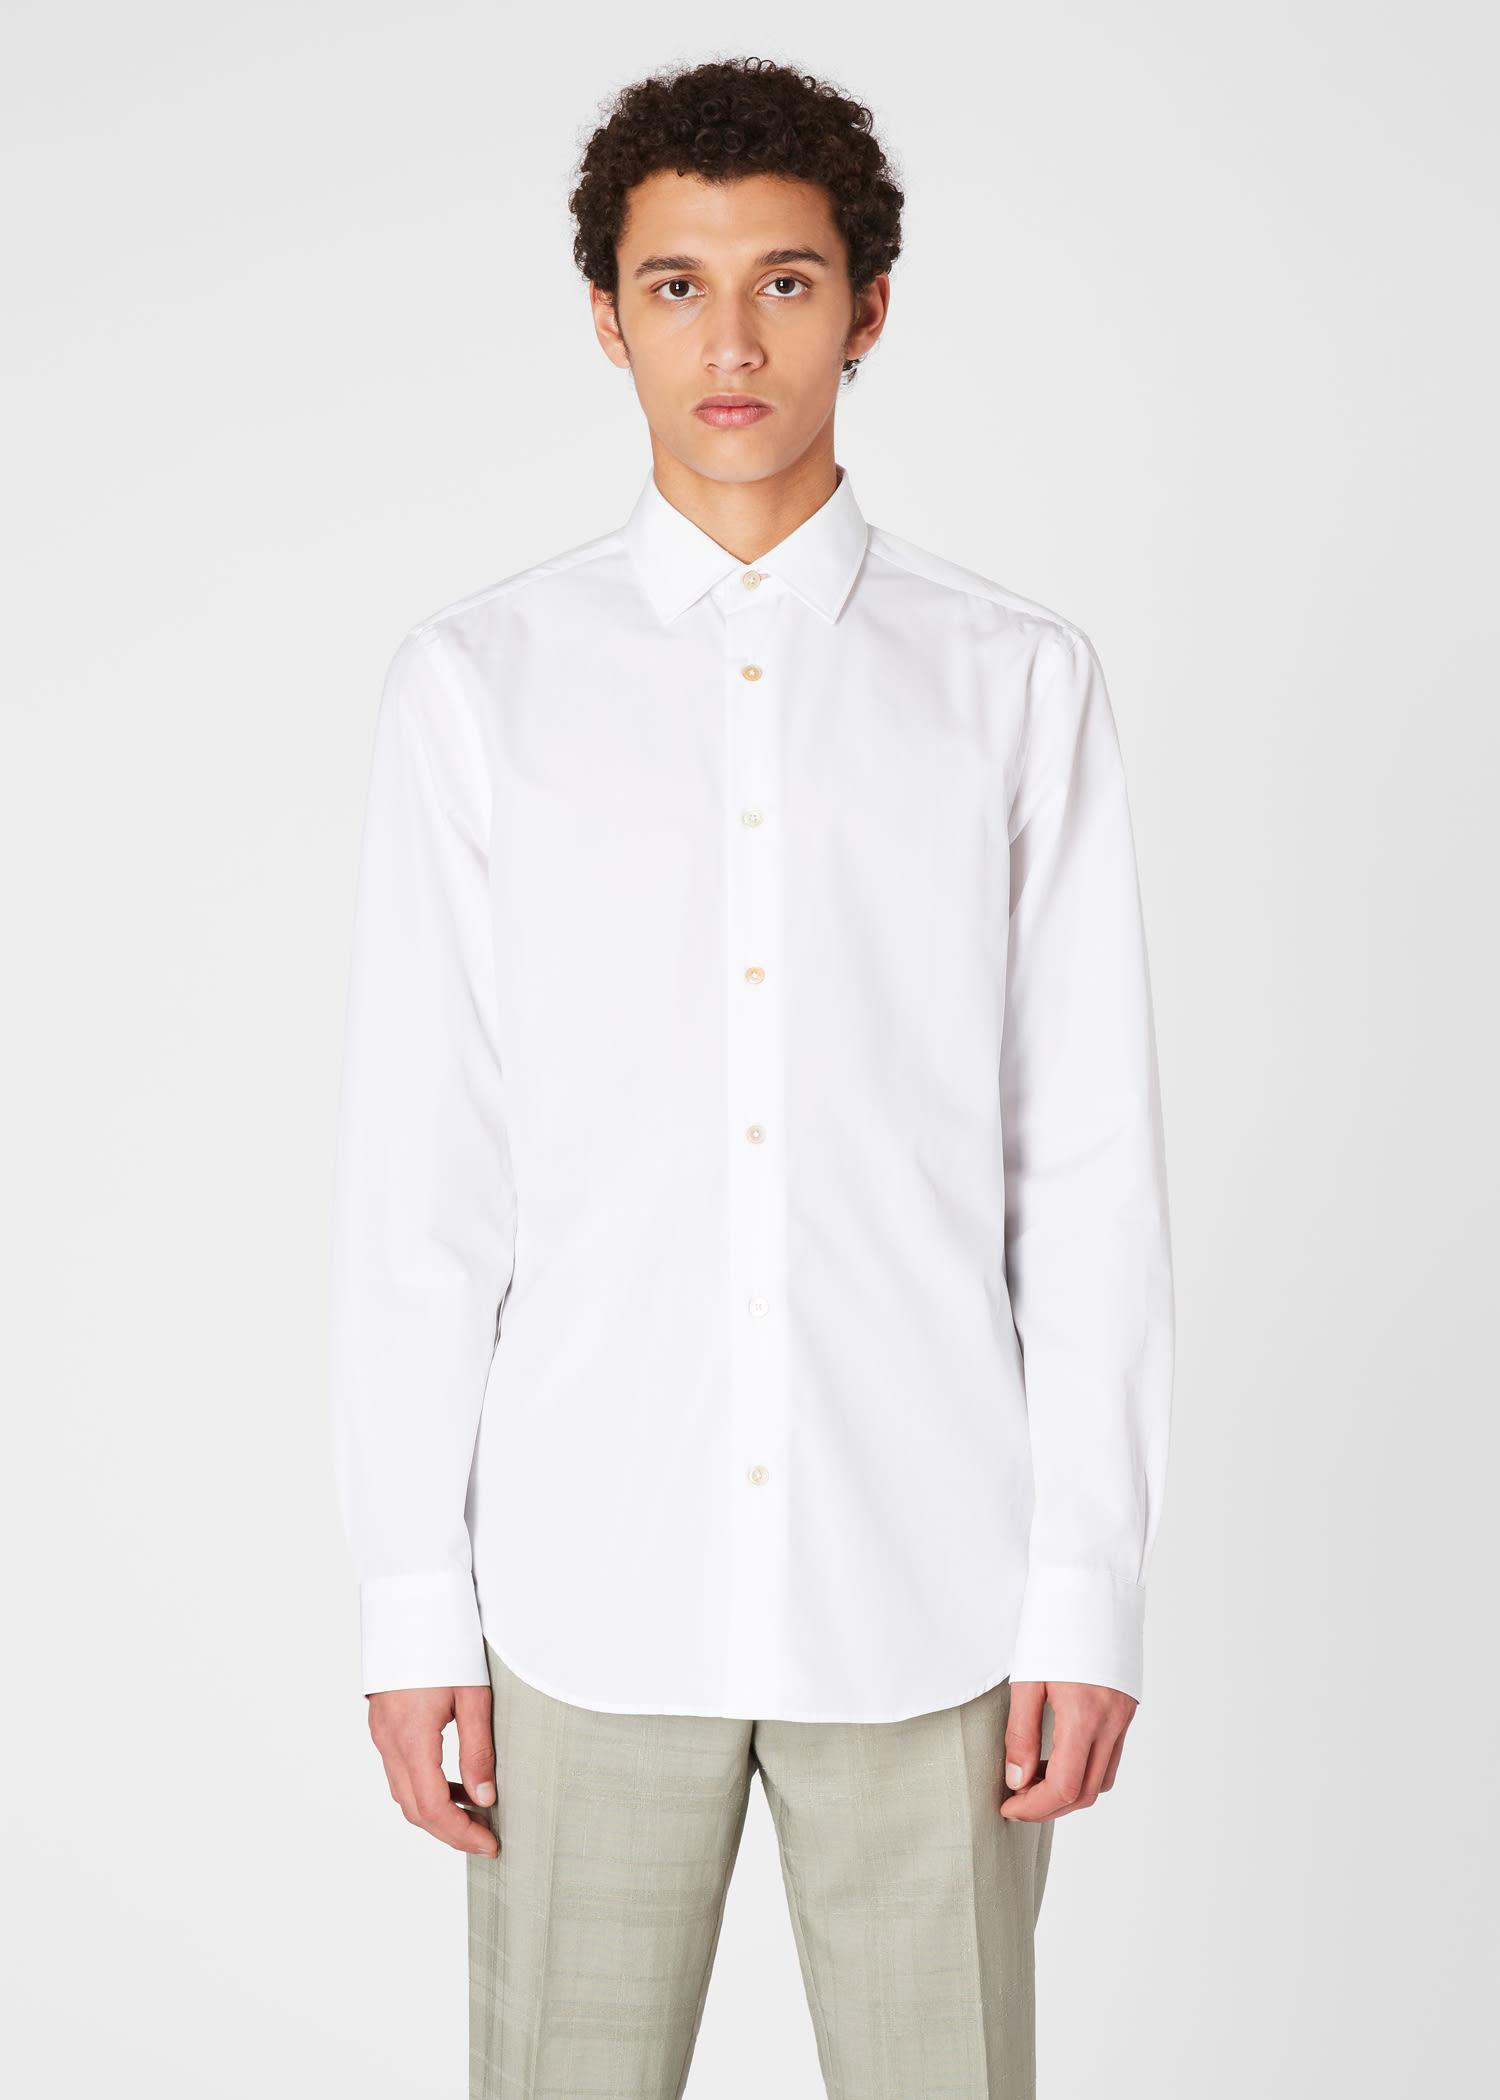 폴 스미스 드레스 셔츠 Paul Smith Mens Tailored-Fit White Cotton Signature Stripe Cuff Shirt